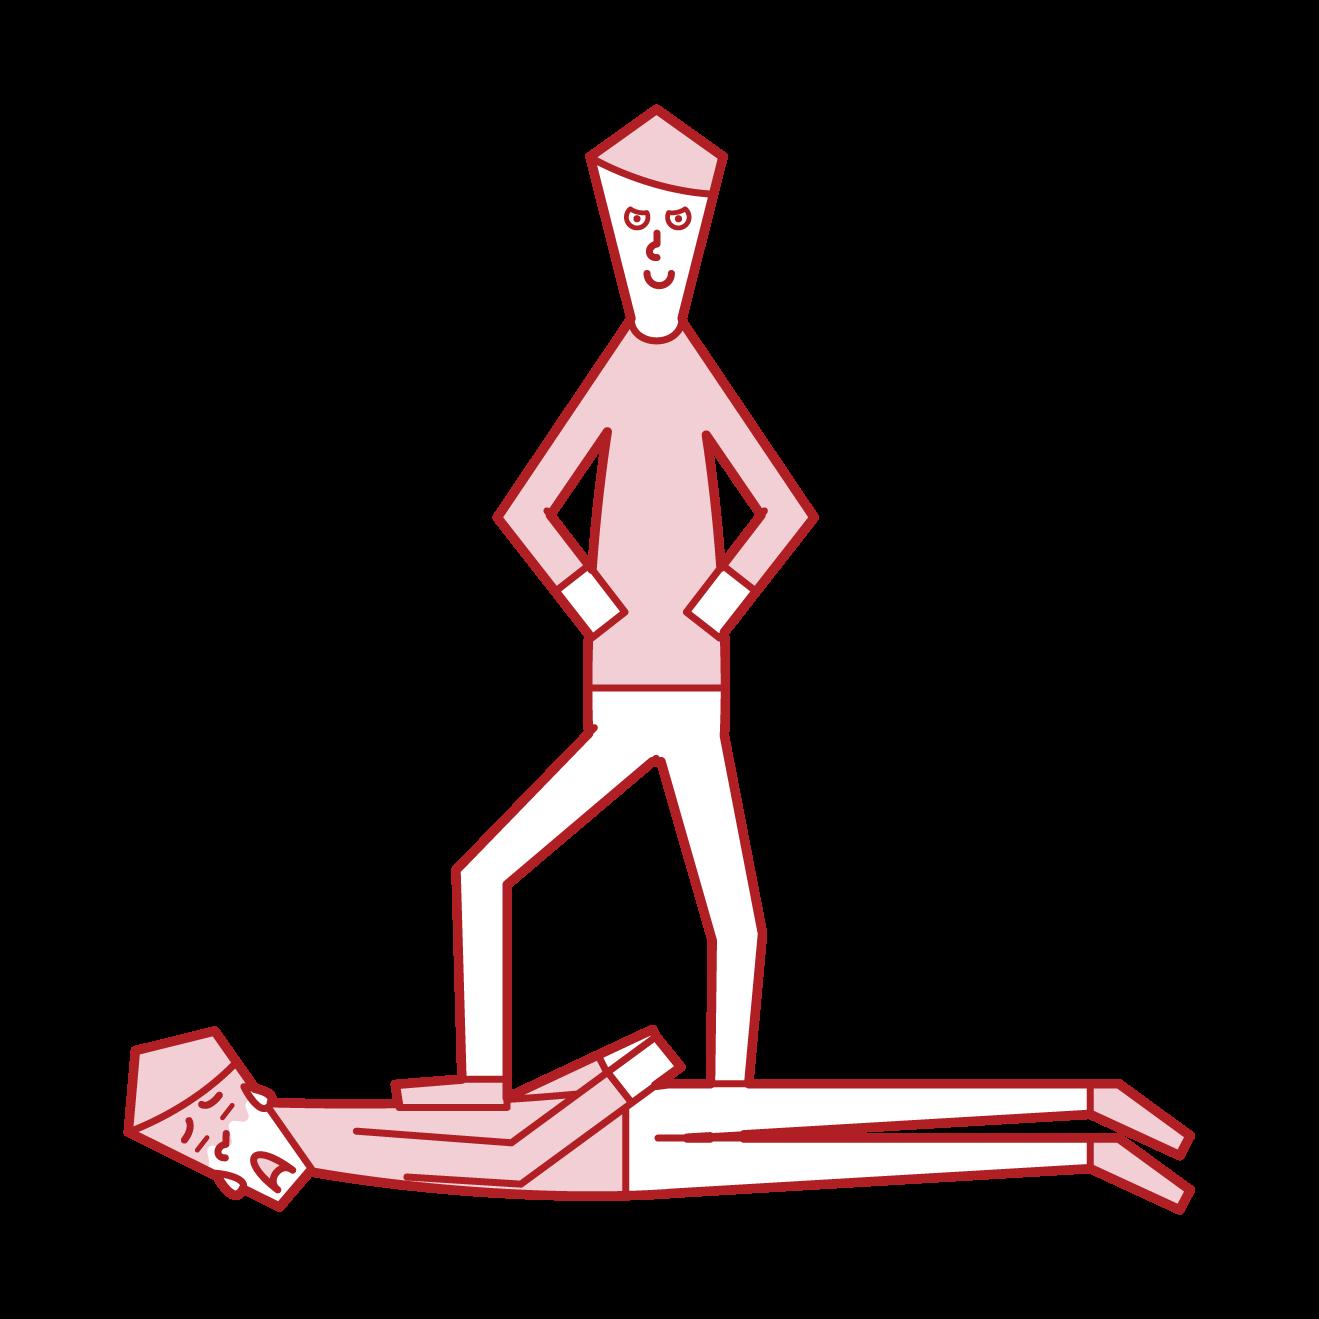 屈服させる人(男性)のイラスト